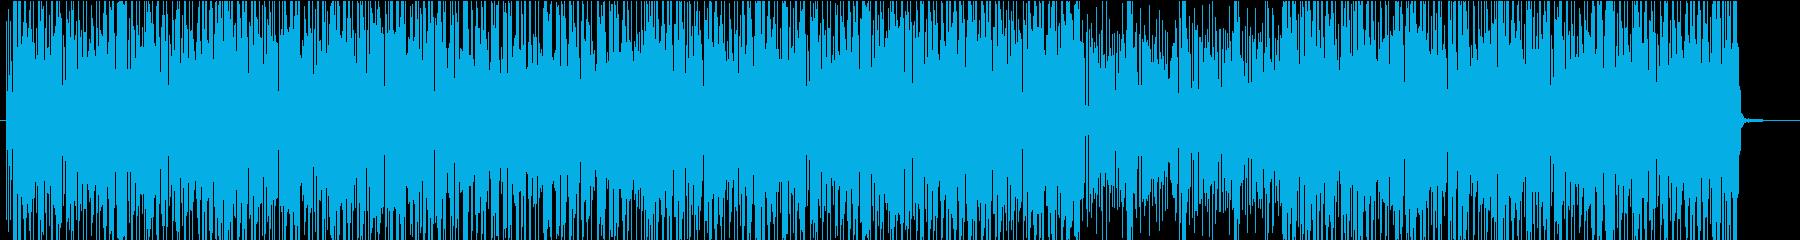 ゲーム・フィールド系モノのループ曲3の再生済みの波形